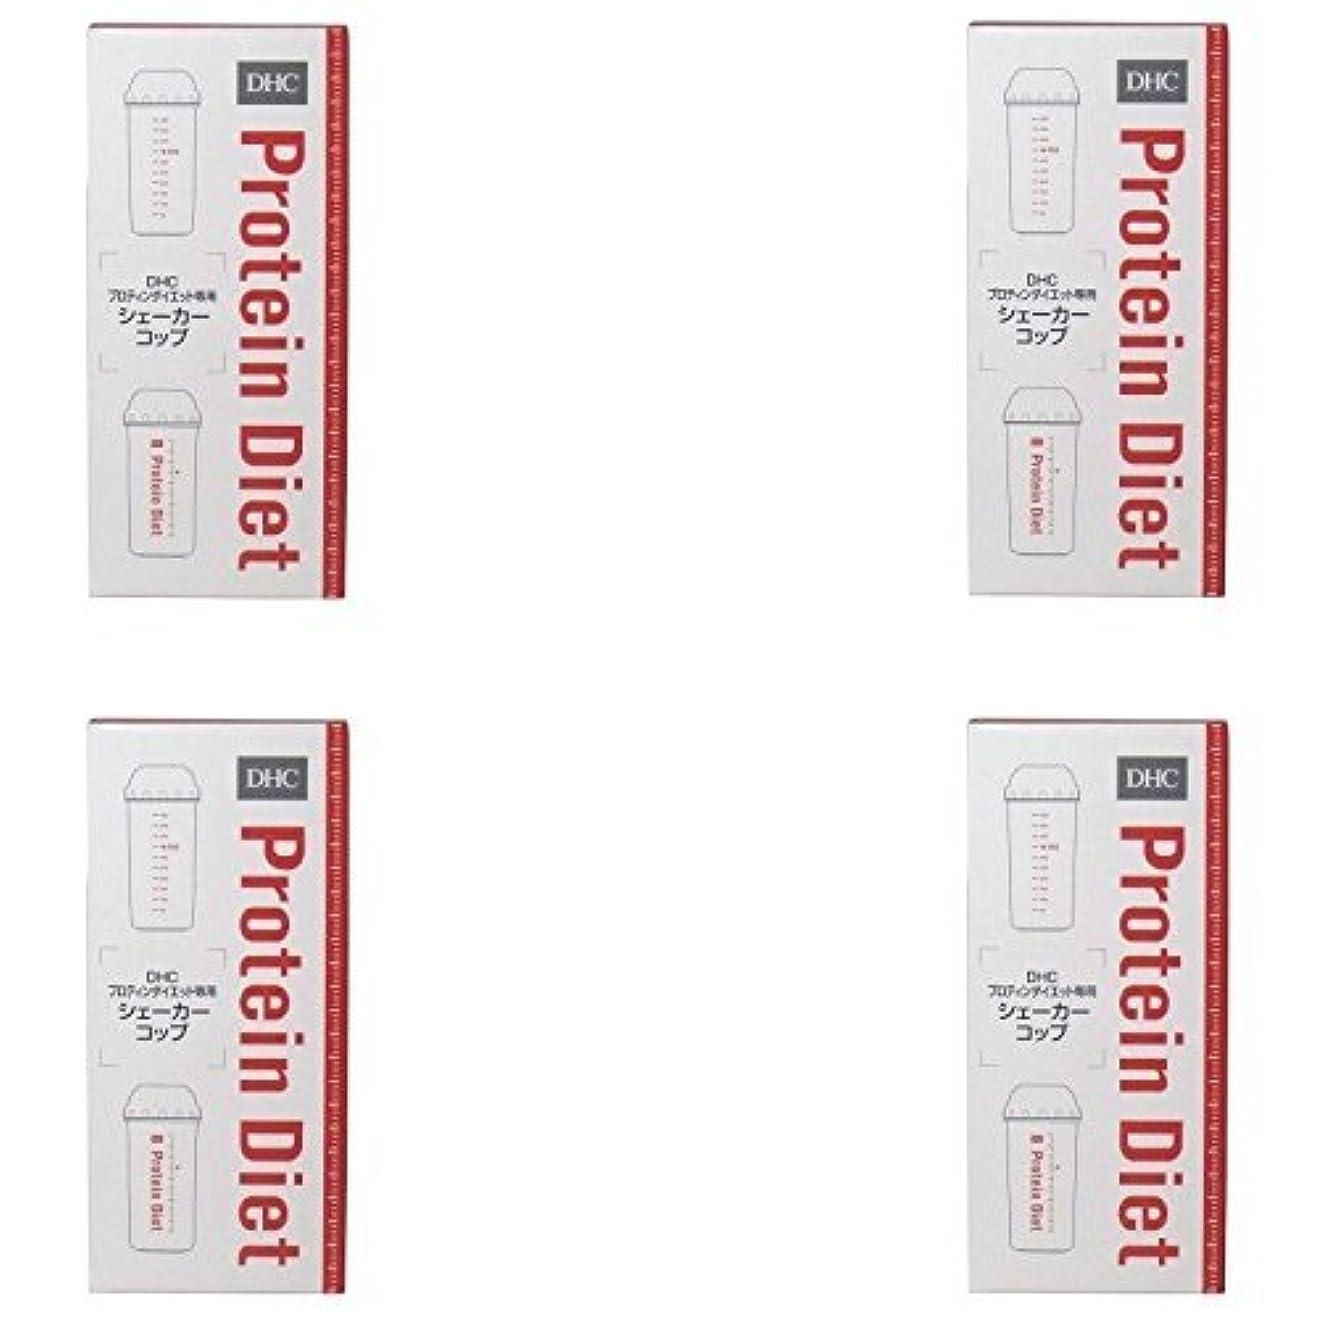 不快お酒雲【まとめ買い】DHC プロティンダイエット専用シェーカーコップ 1個【×4セット】